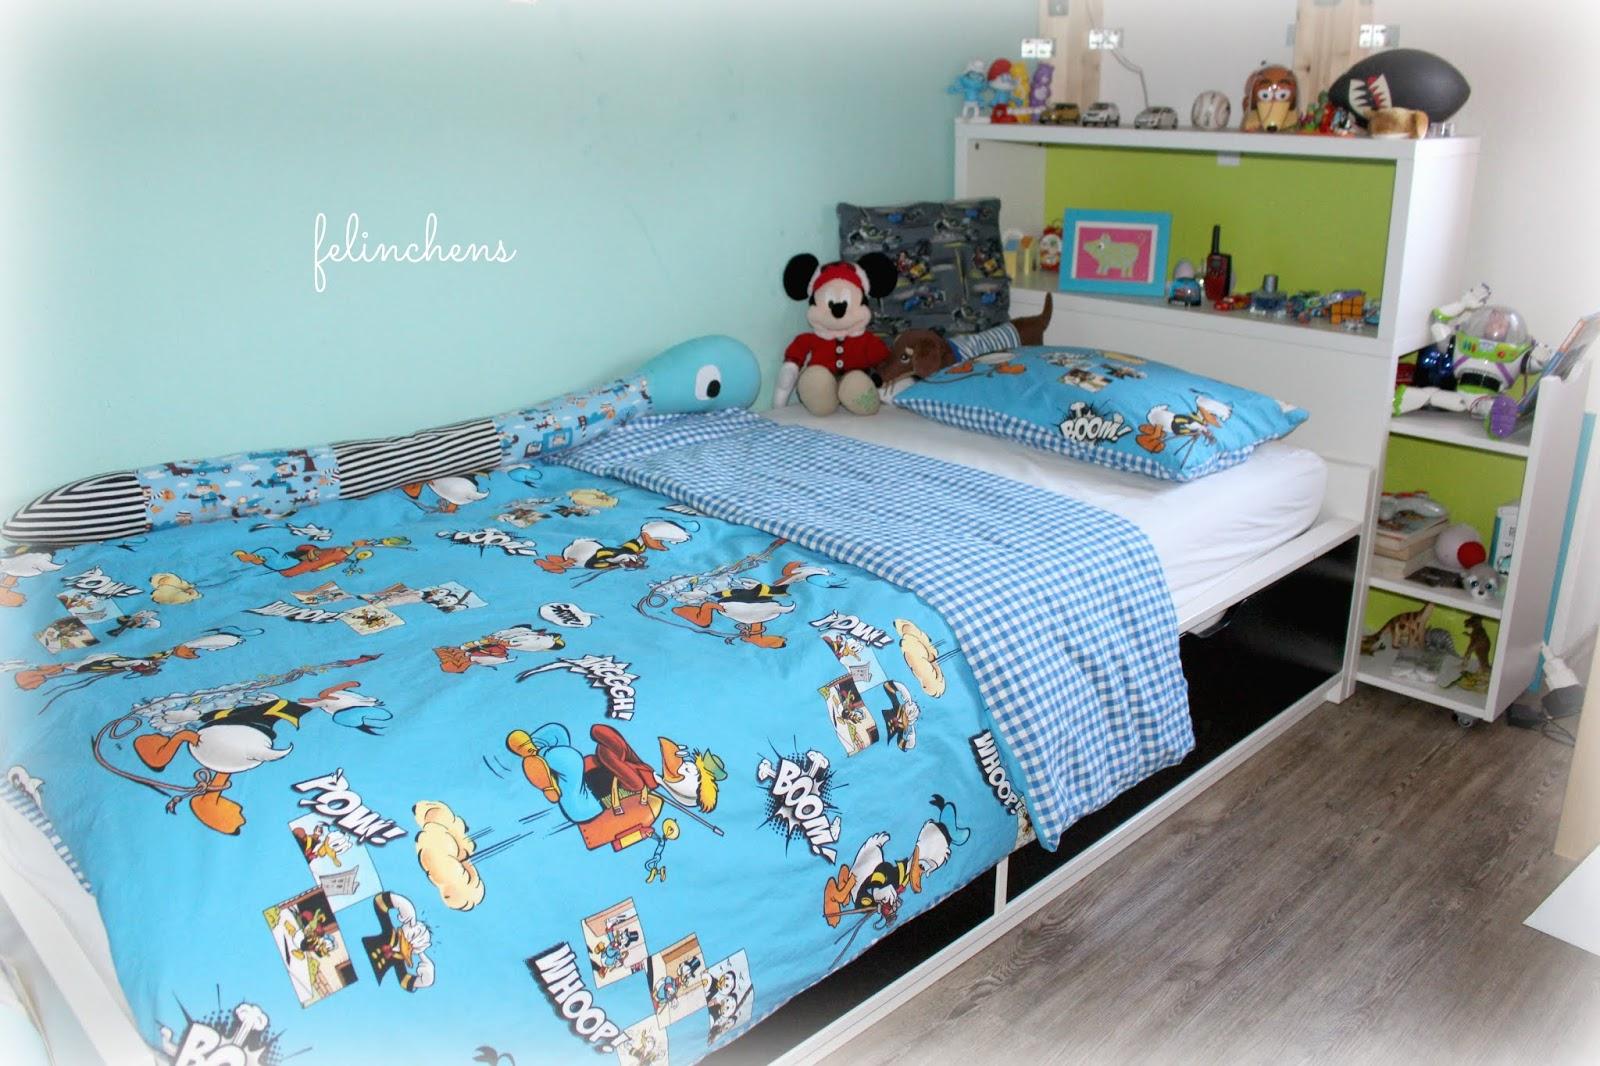 Felinchens Ducktales Oo Oo Eine Bettwäsche Zum Träumen